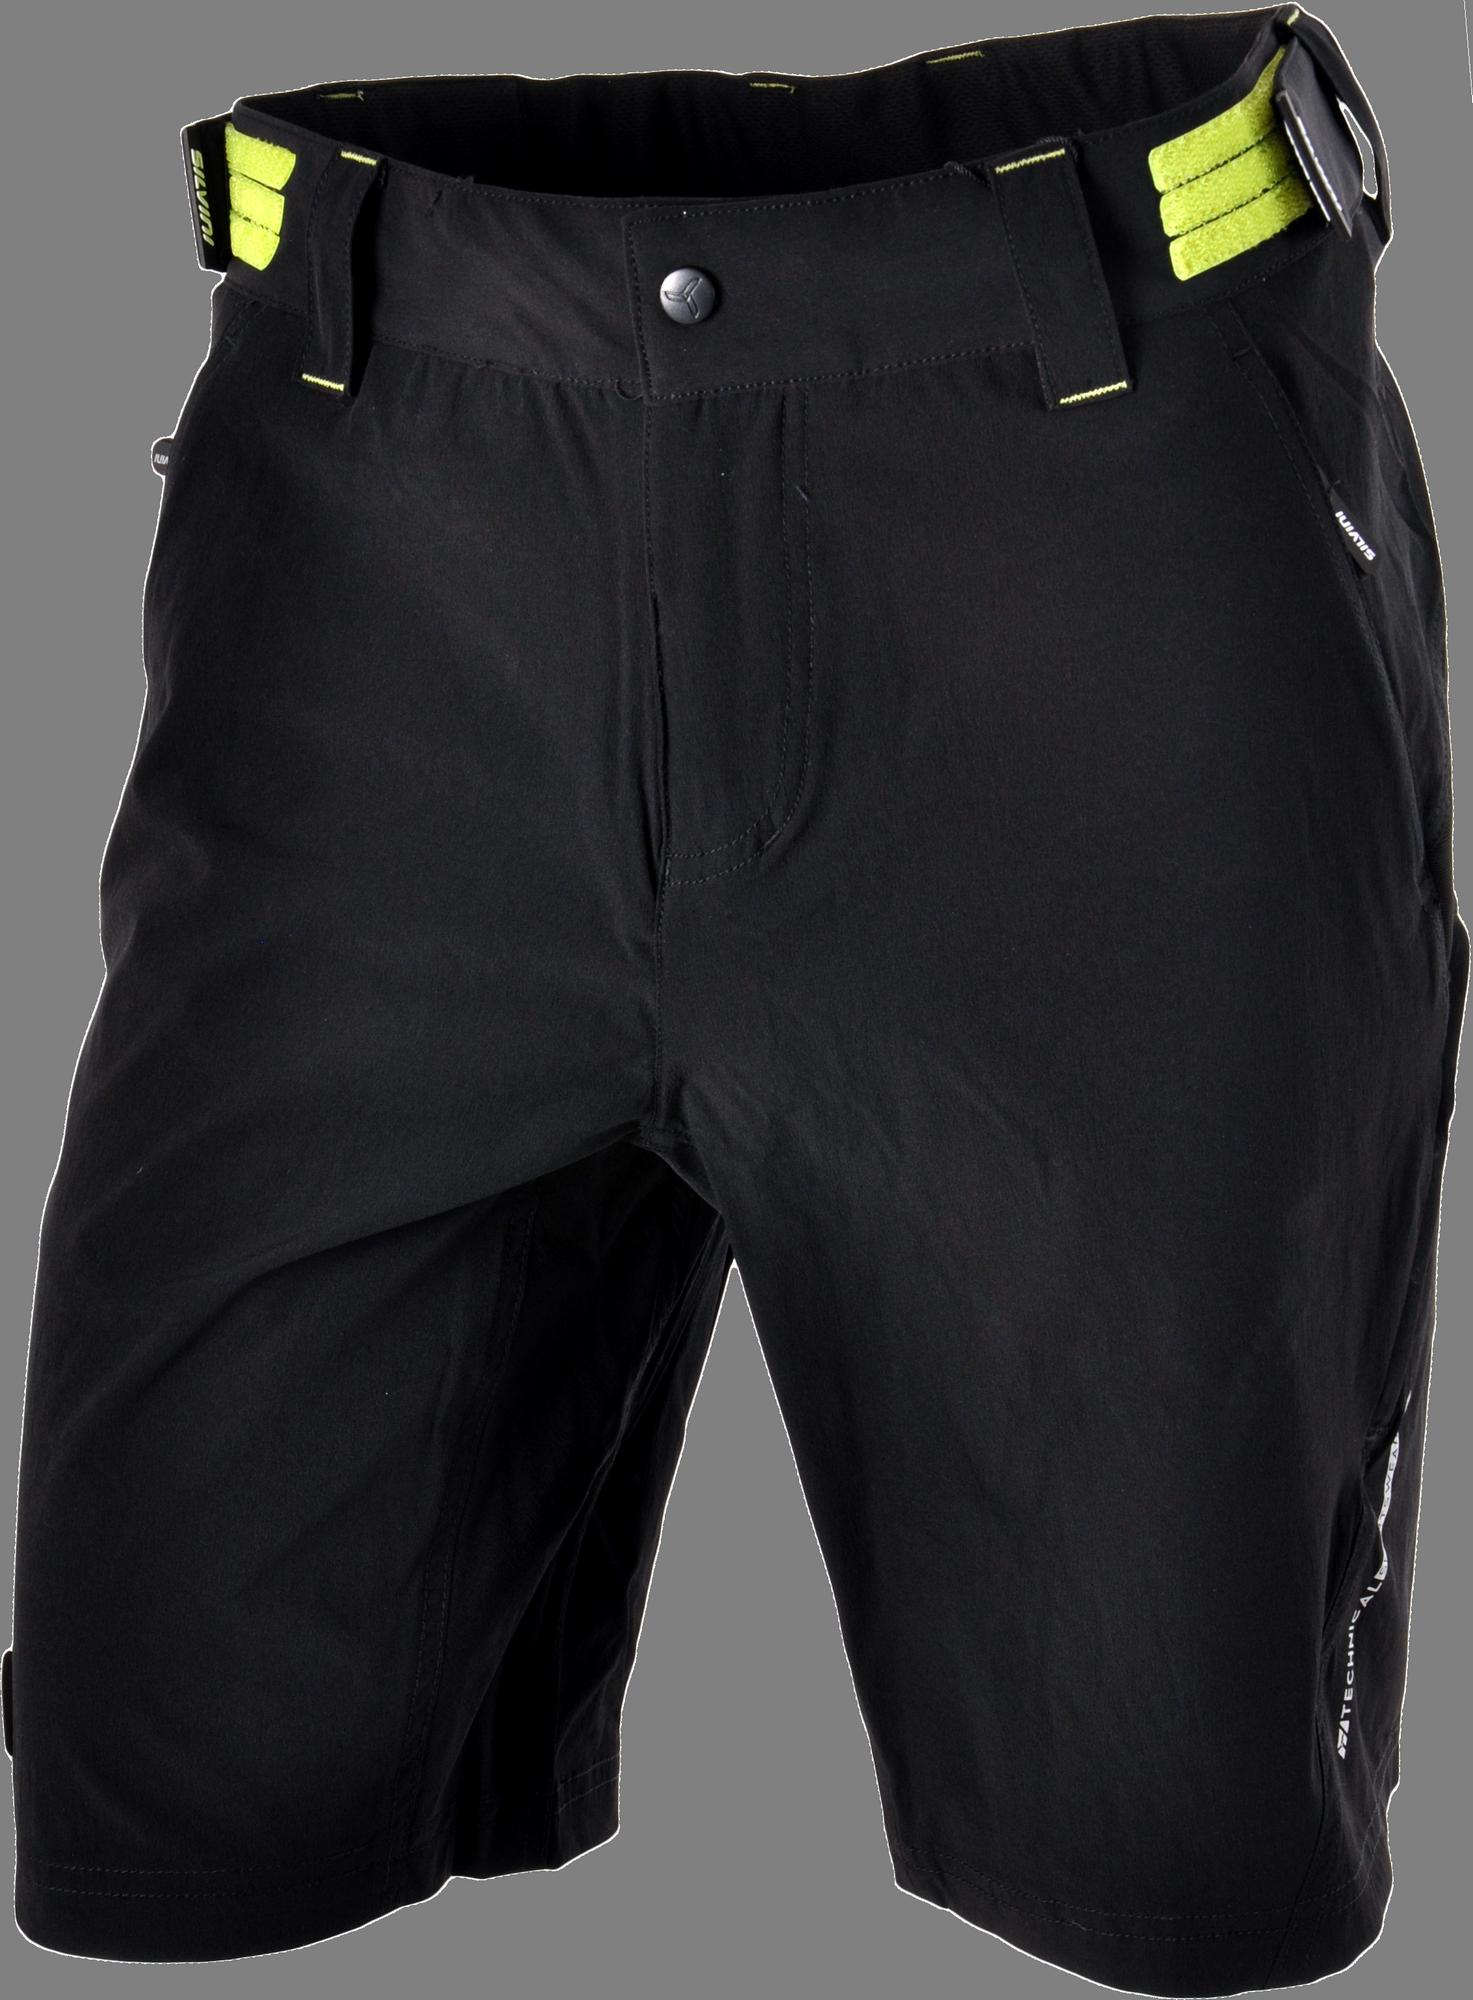 6923c963878 Pánske cyklistické šortky SILVINI ELVO MP809 čierna zelená